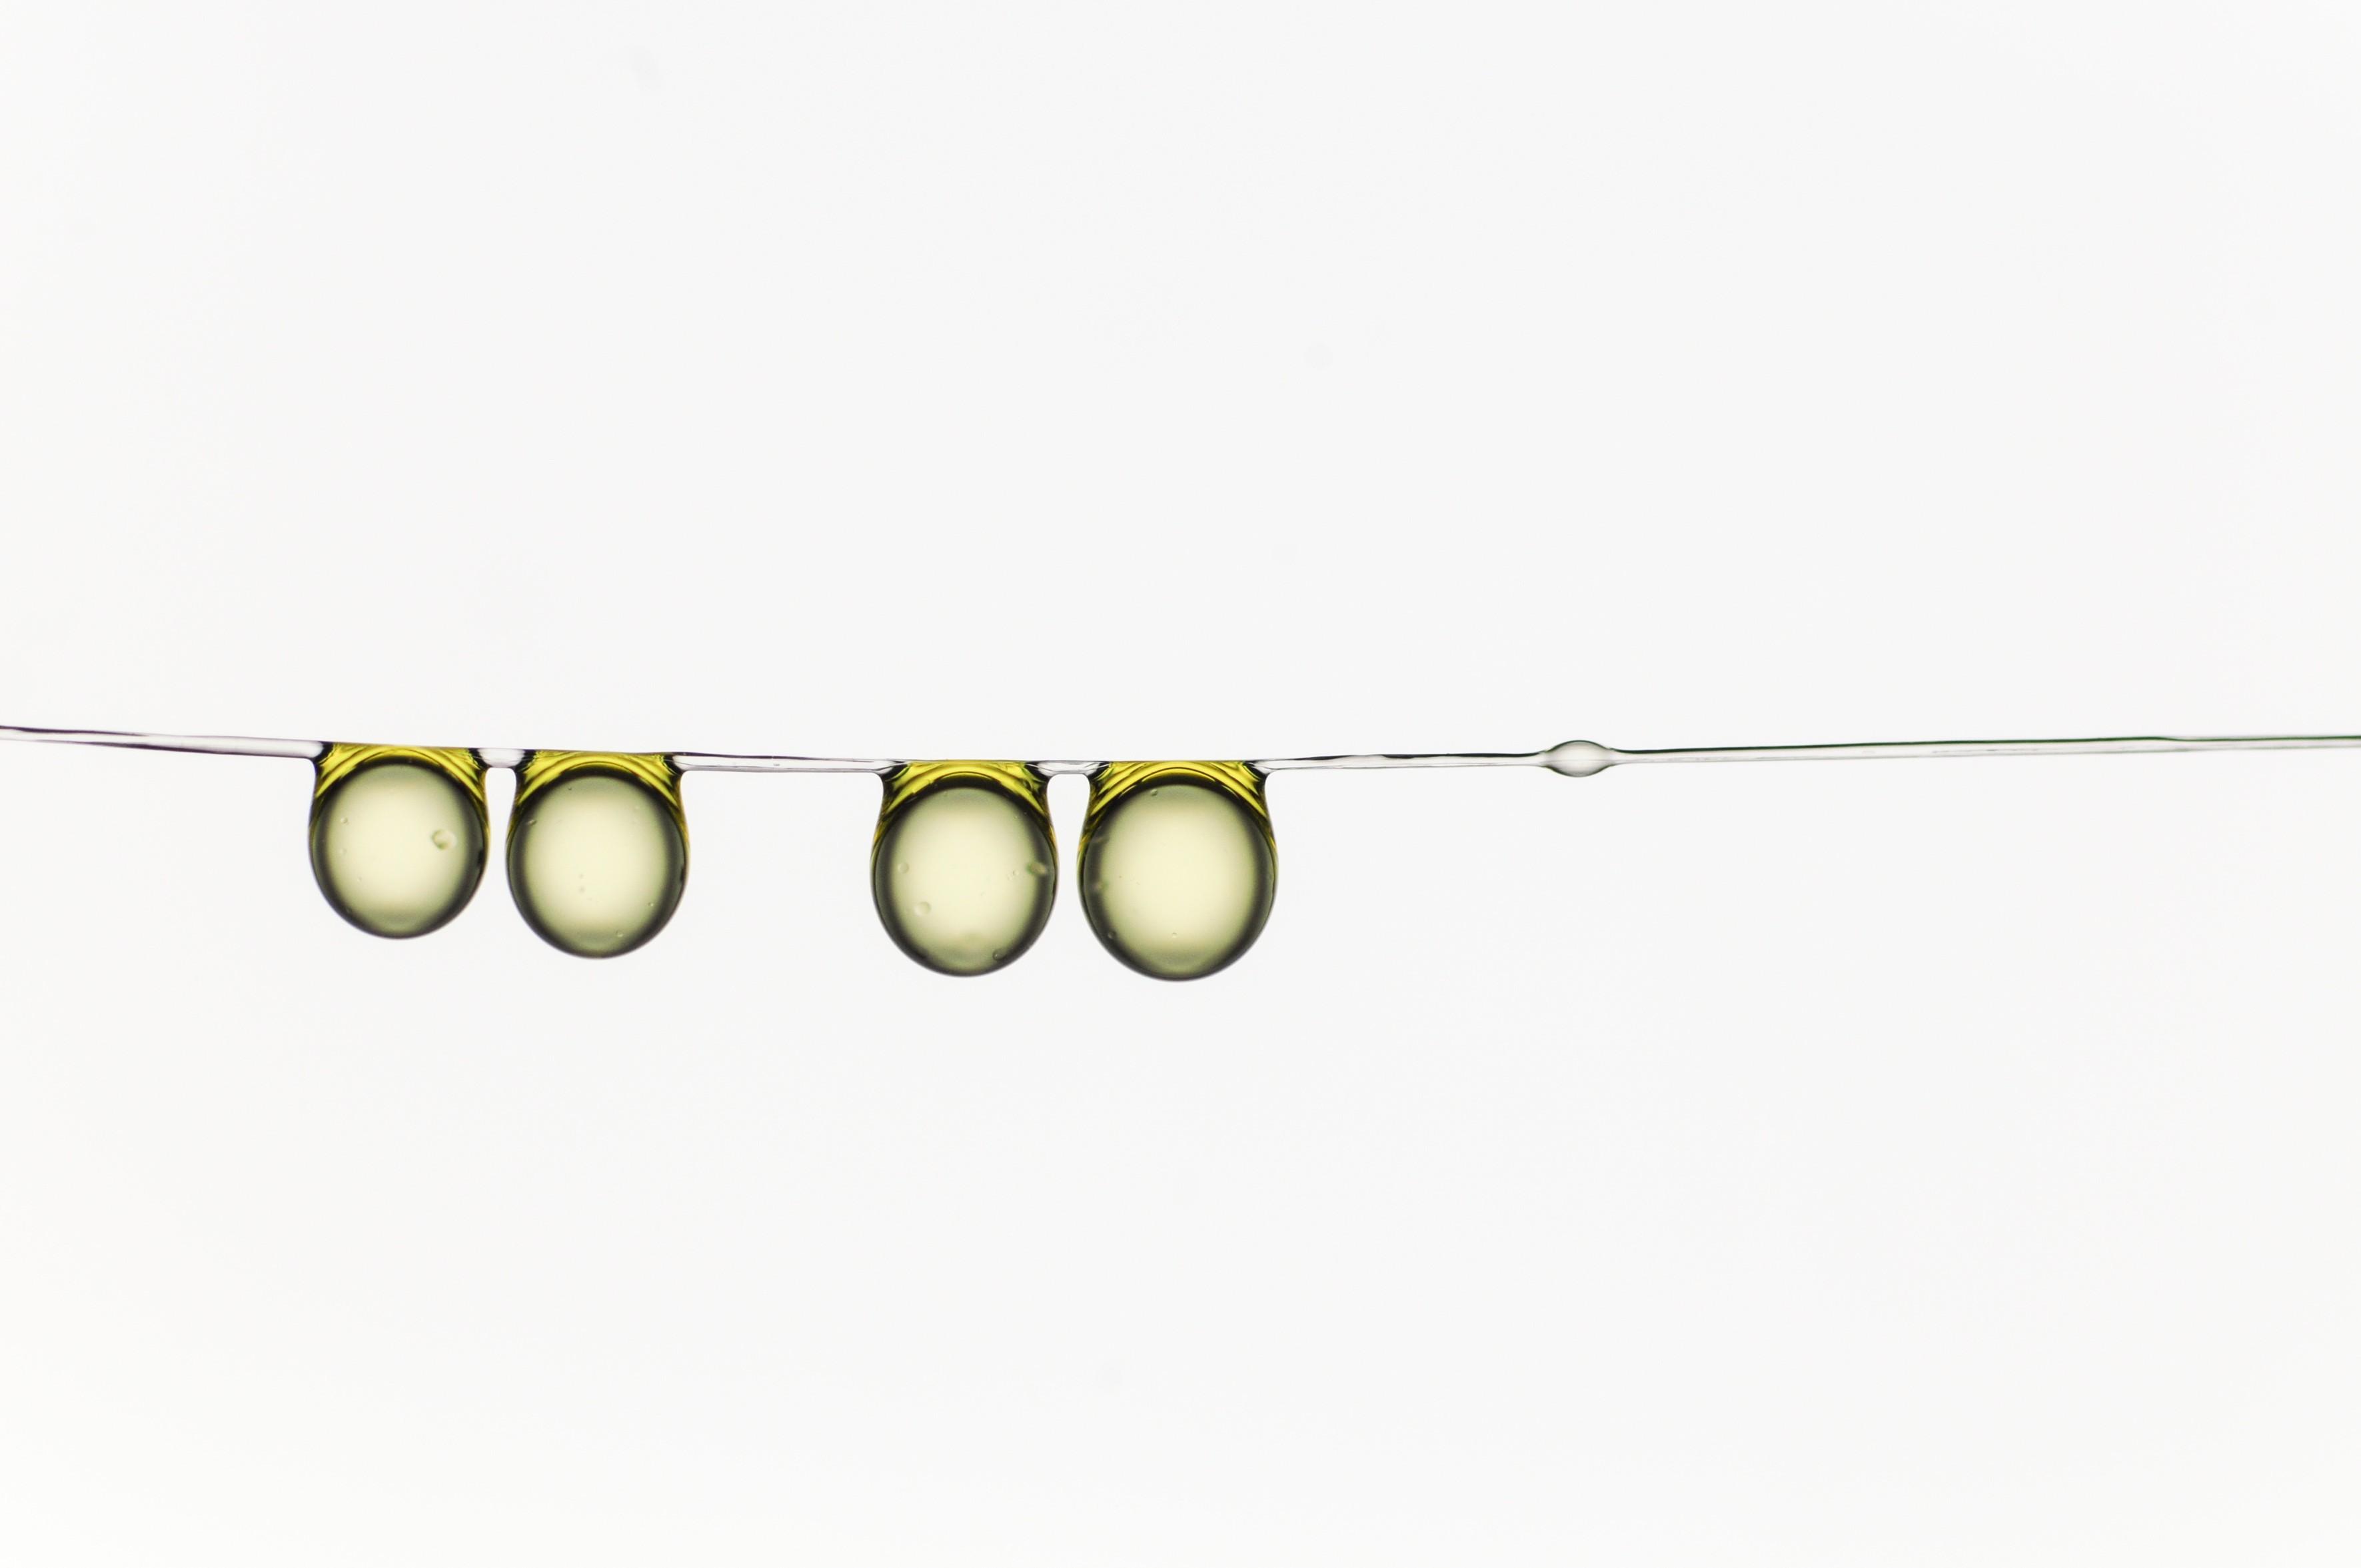 Azeite de oliva, por Hervé Elettro (Foto: Hervé Elettro / Divulgação)